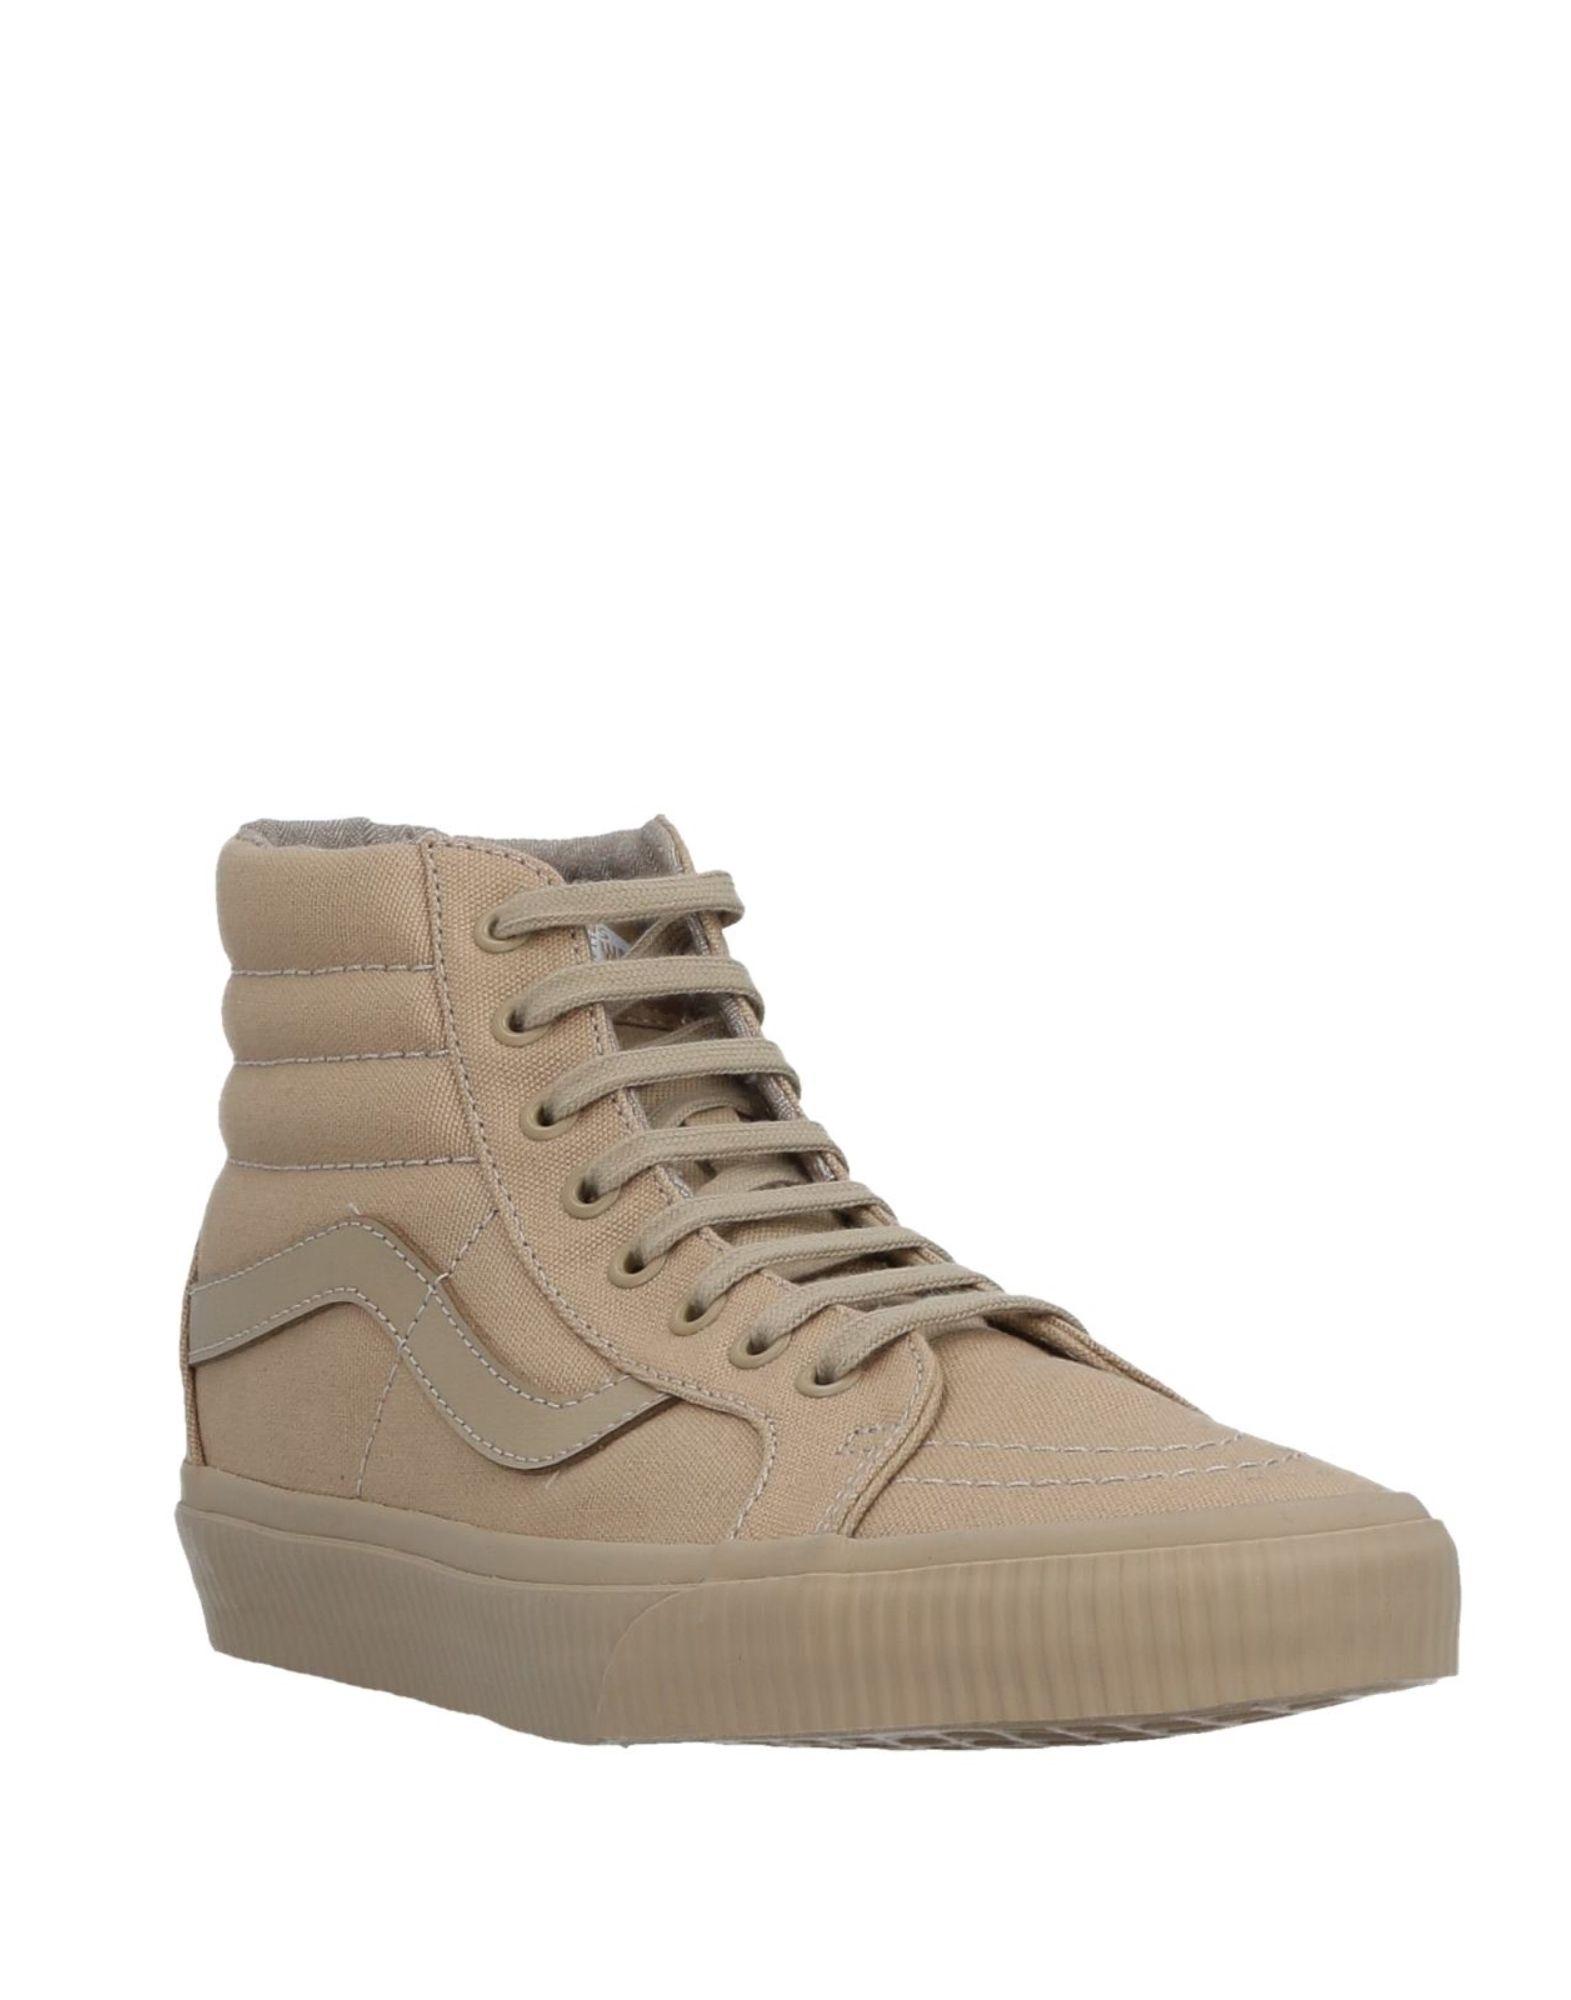 Rabatt echte Schuhe Vans Herren Sneakers Herren Vans  11521134UK 1581cc